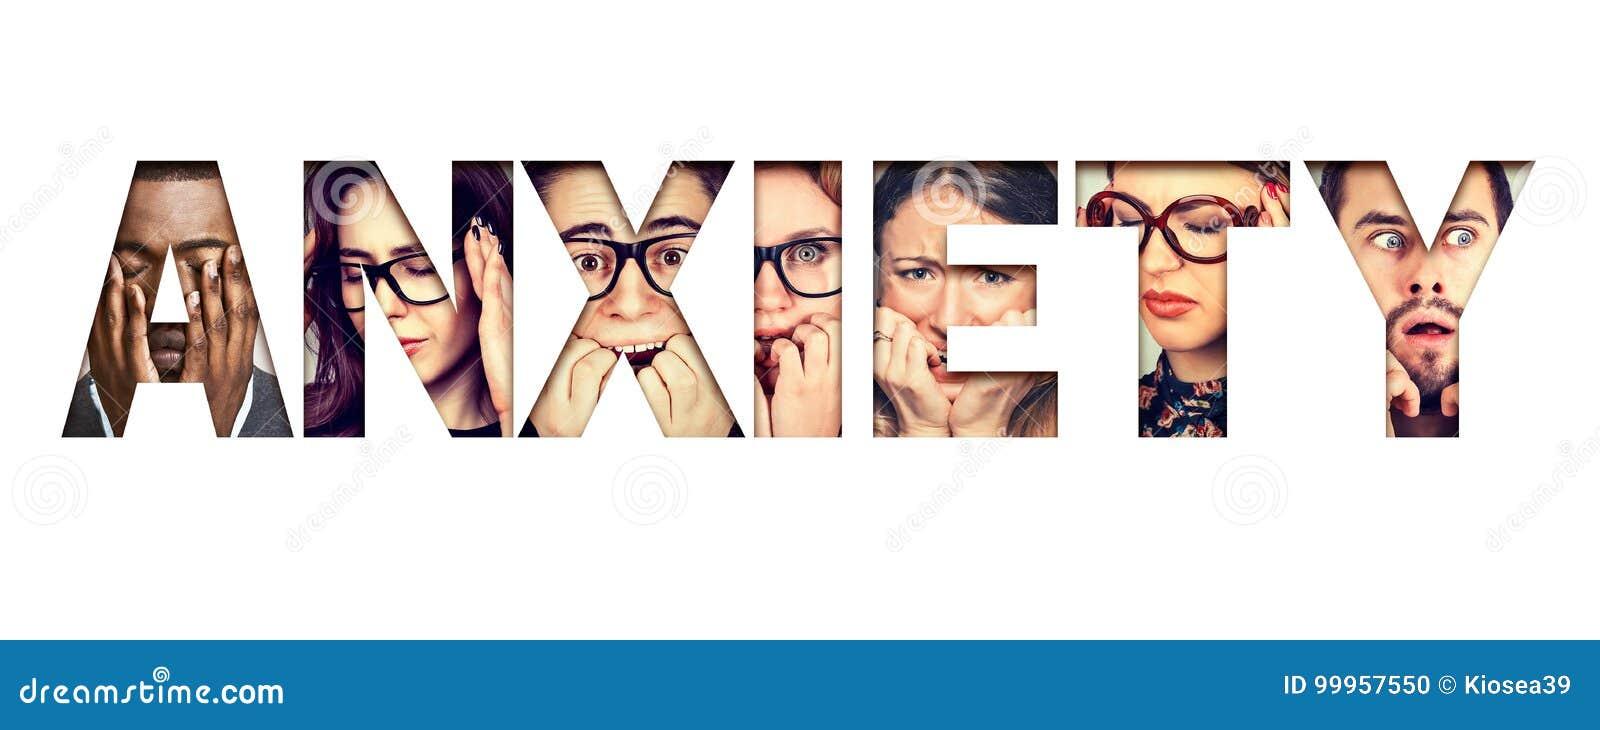 Słowo niepokój komponujący niespokojne zaakcentowane twarze mężczyzna i kobiety